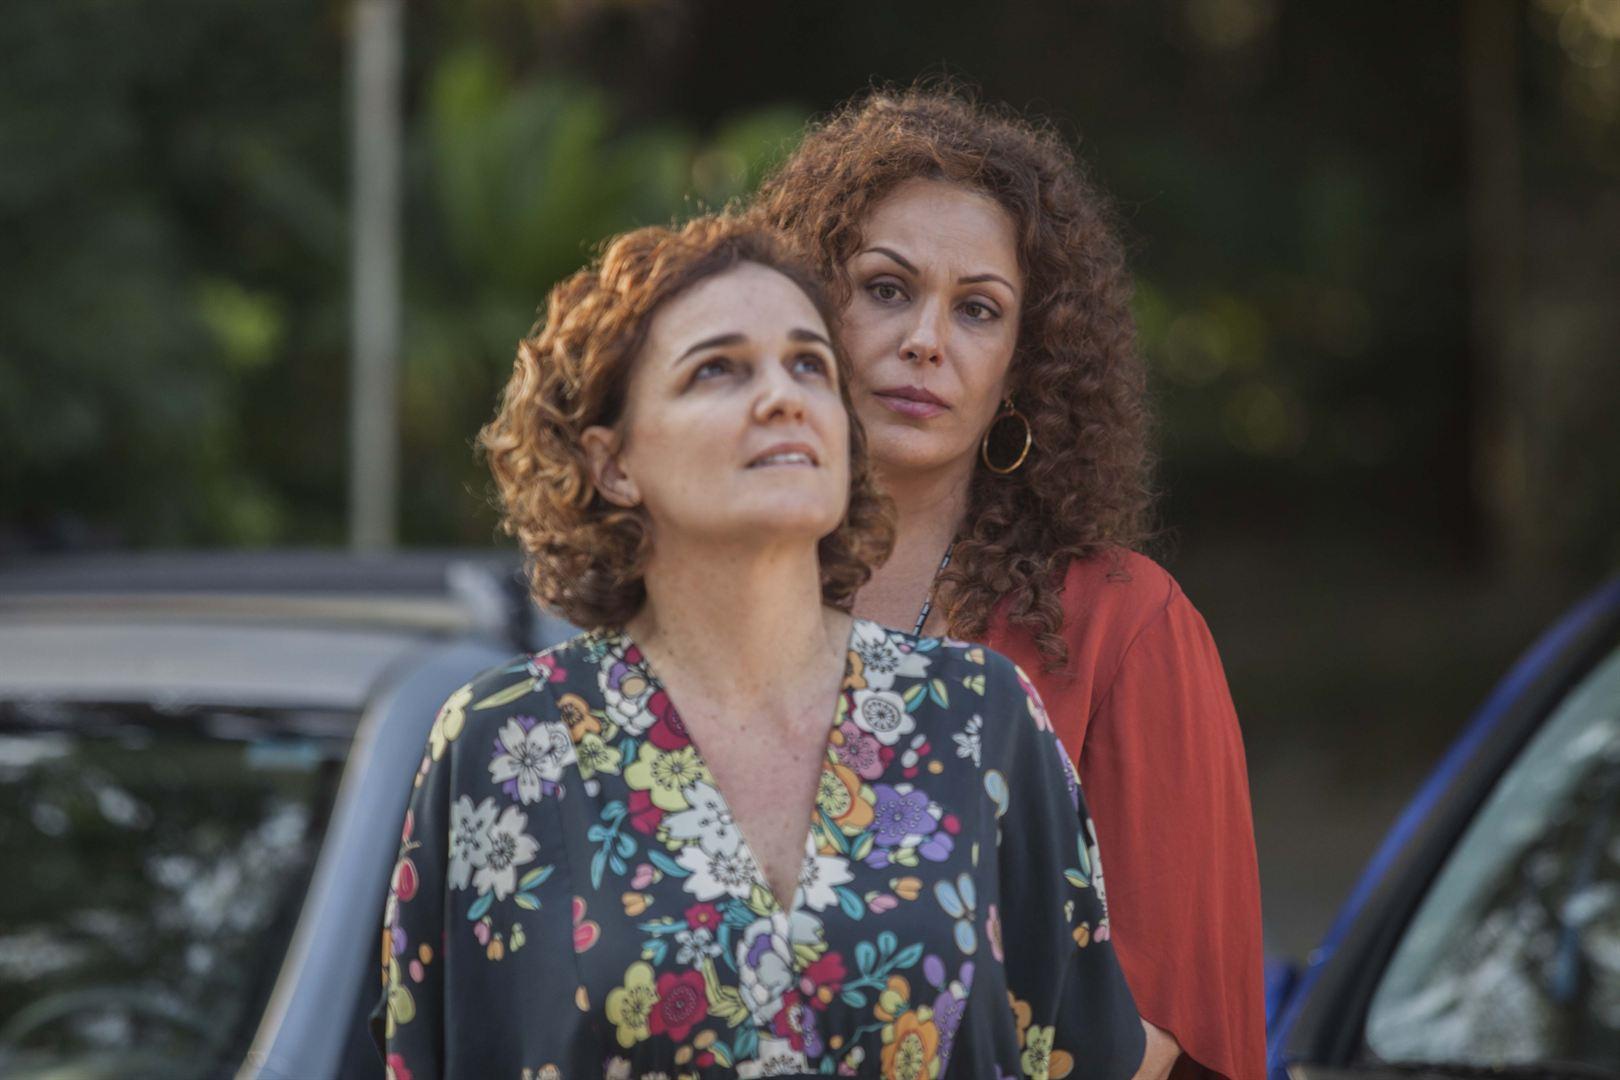 Carolina Ferraz vive um travesti em novo filme